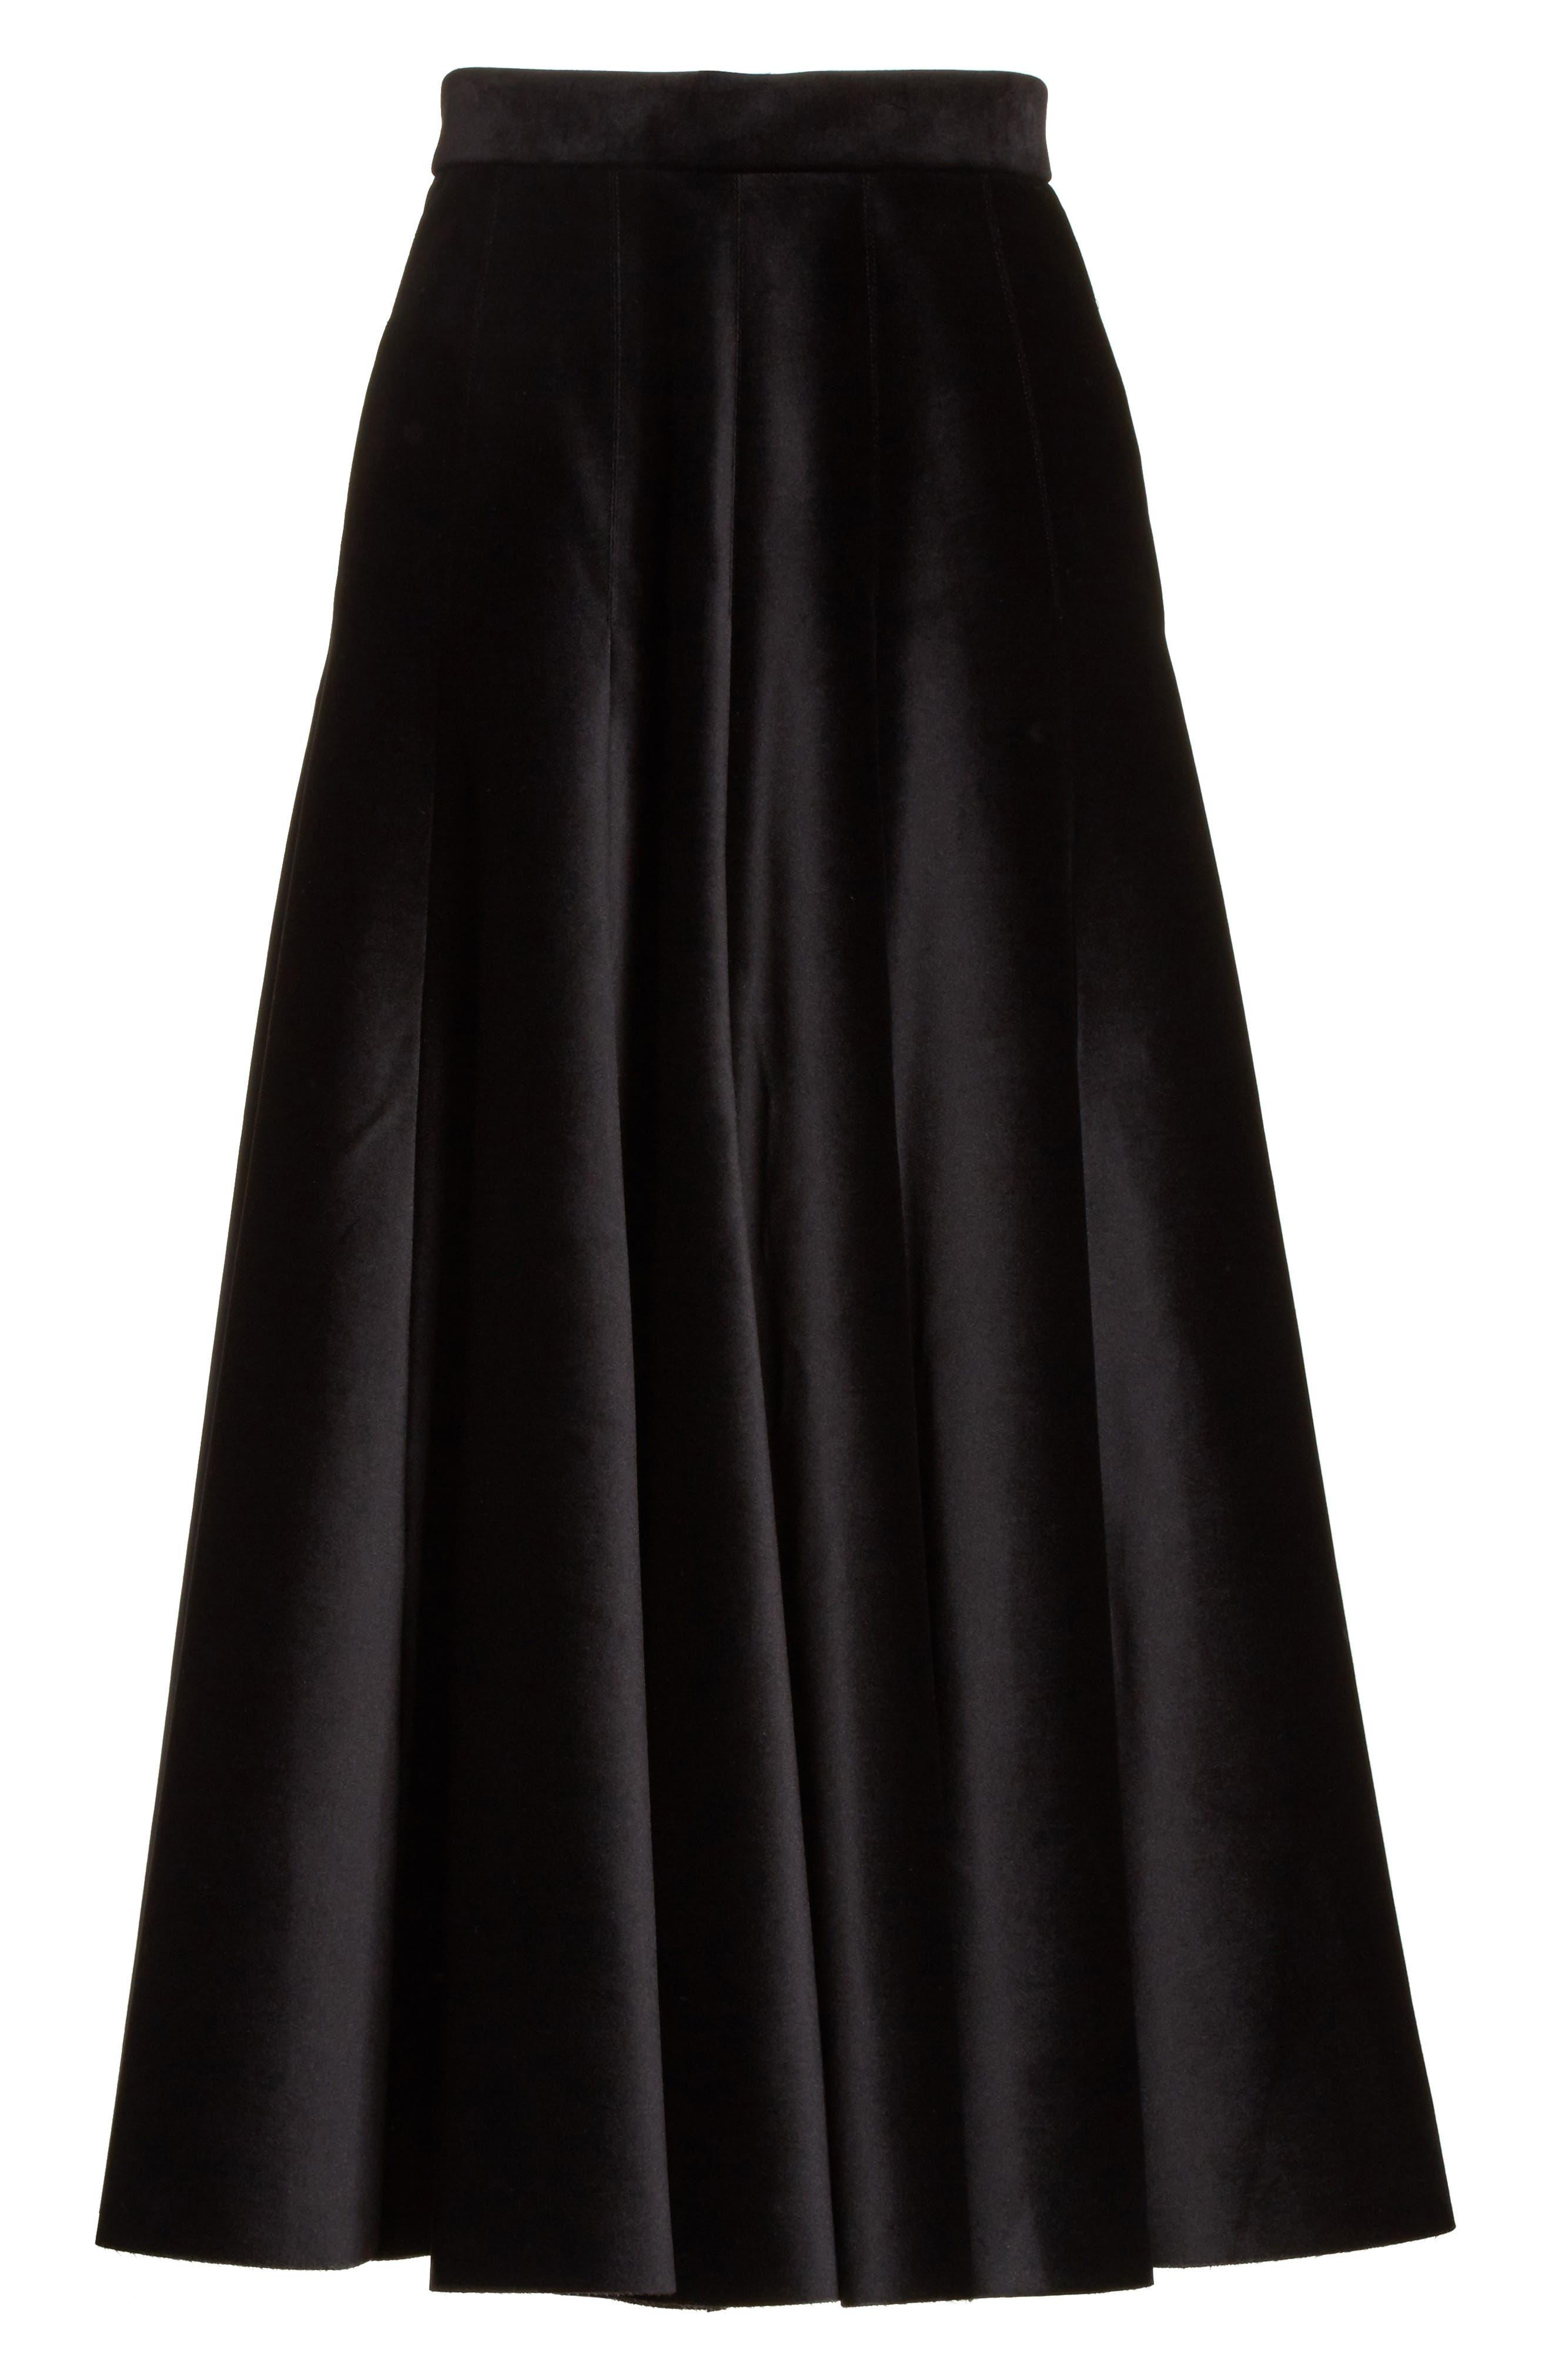 Velvet A-Line Midi Skirt,                             Alternate thumbnail 6, color,                             Black